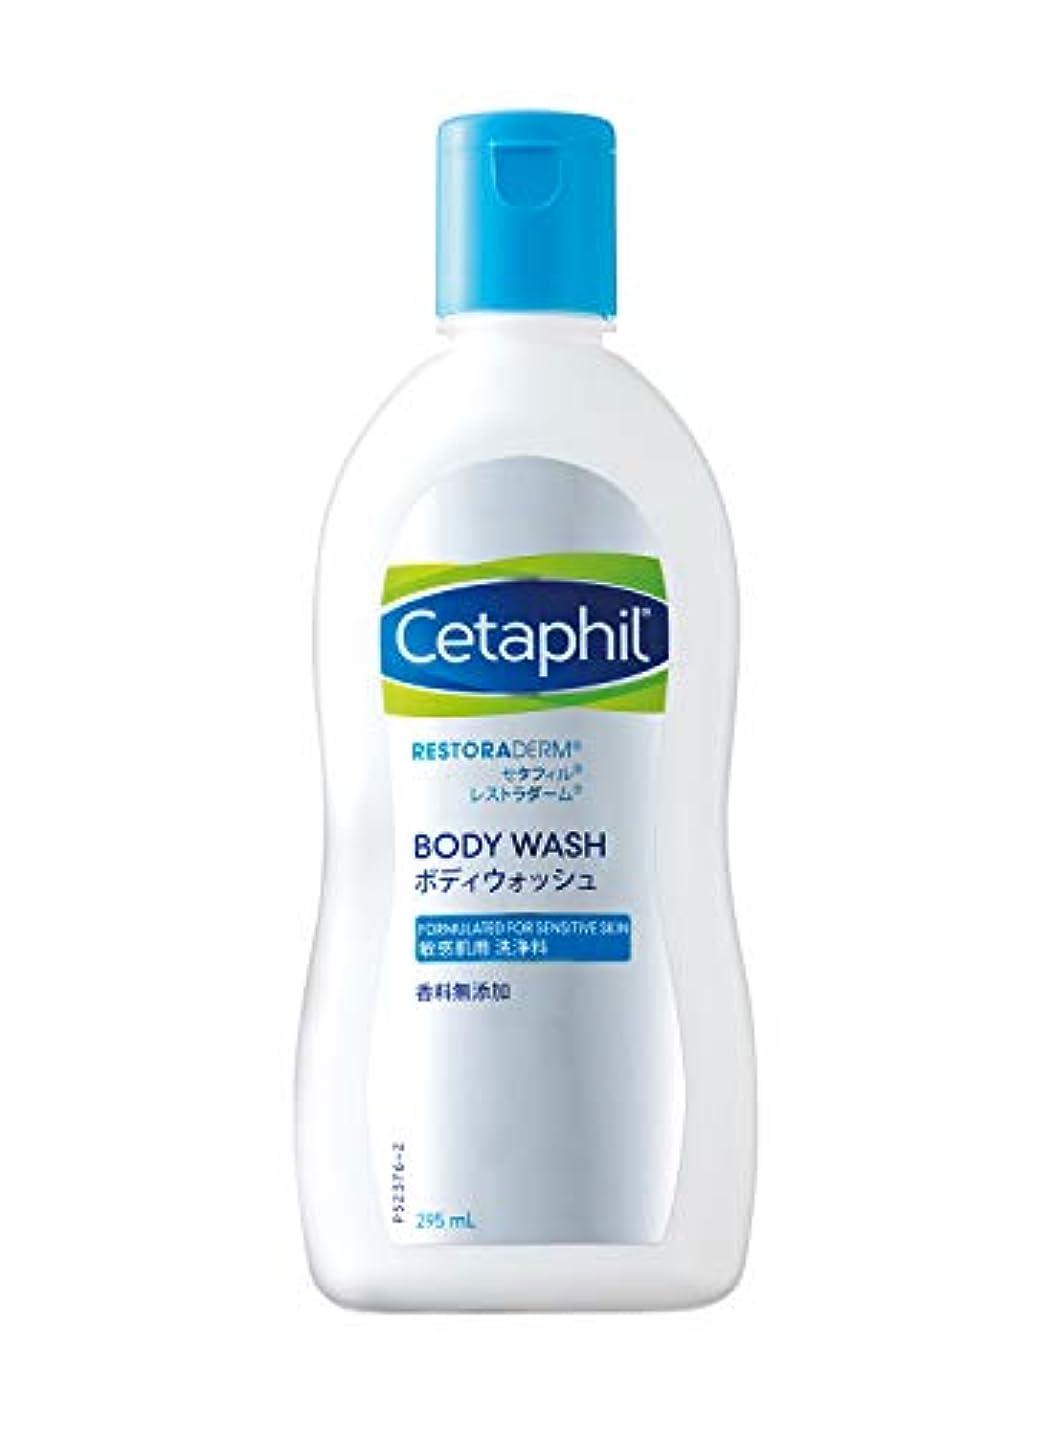 セタフィル Cetaphil ® レストラダーム ボディウォッシュ 295ml (敏感肌用洗浄料 ボディソープ 乾燥肌 敏感肌 低刺激性 洗浄料)